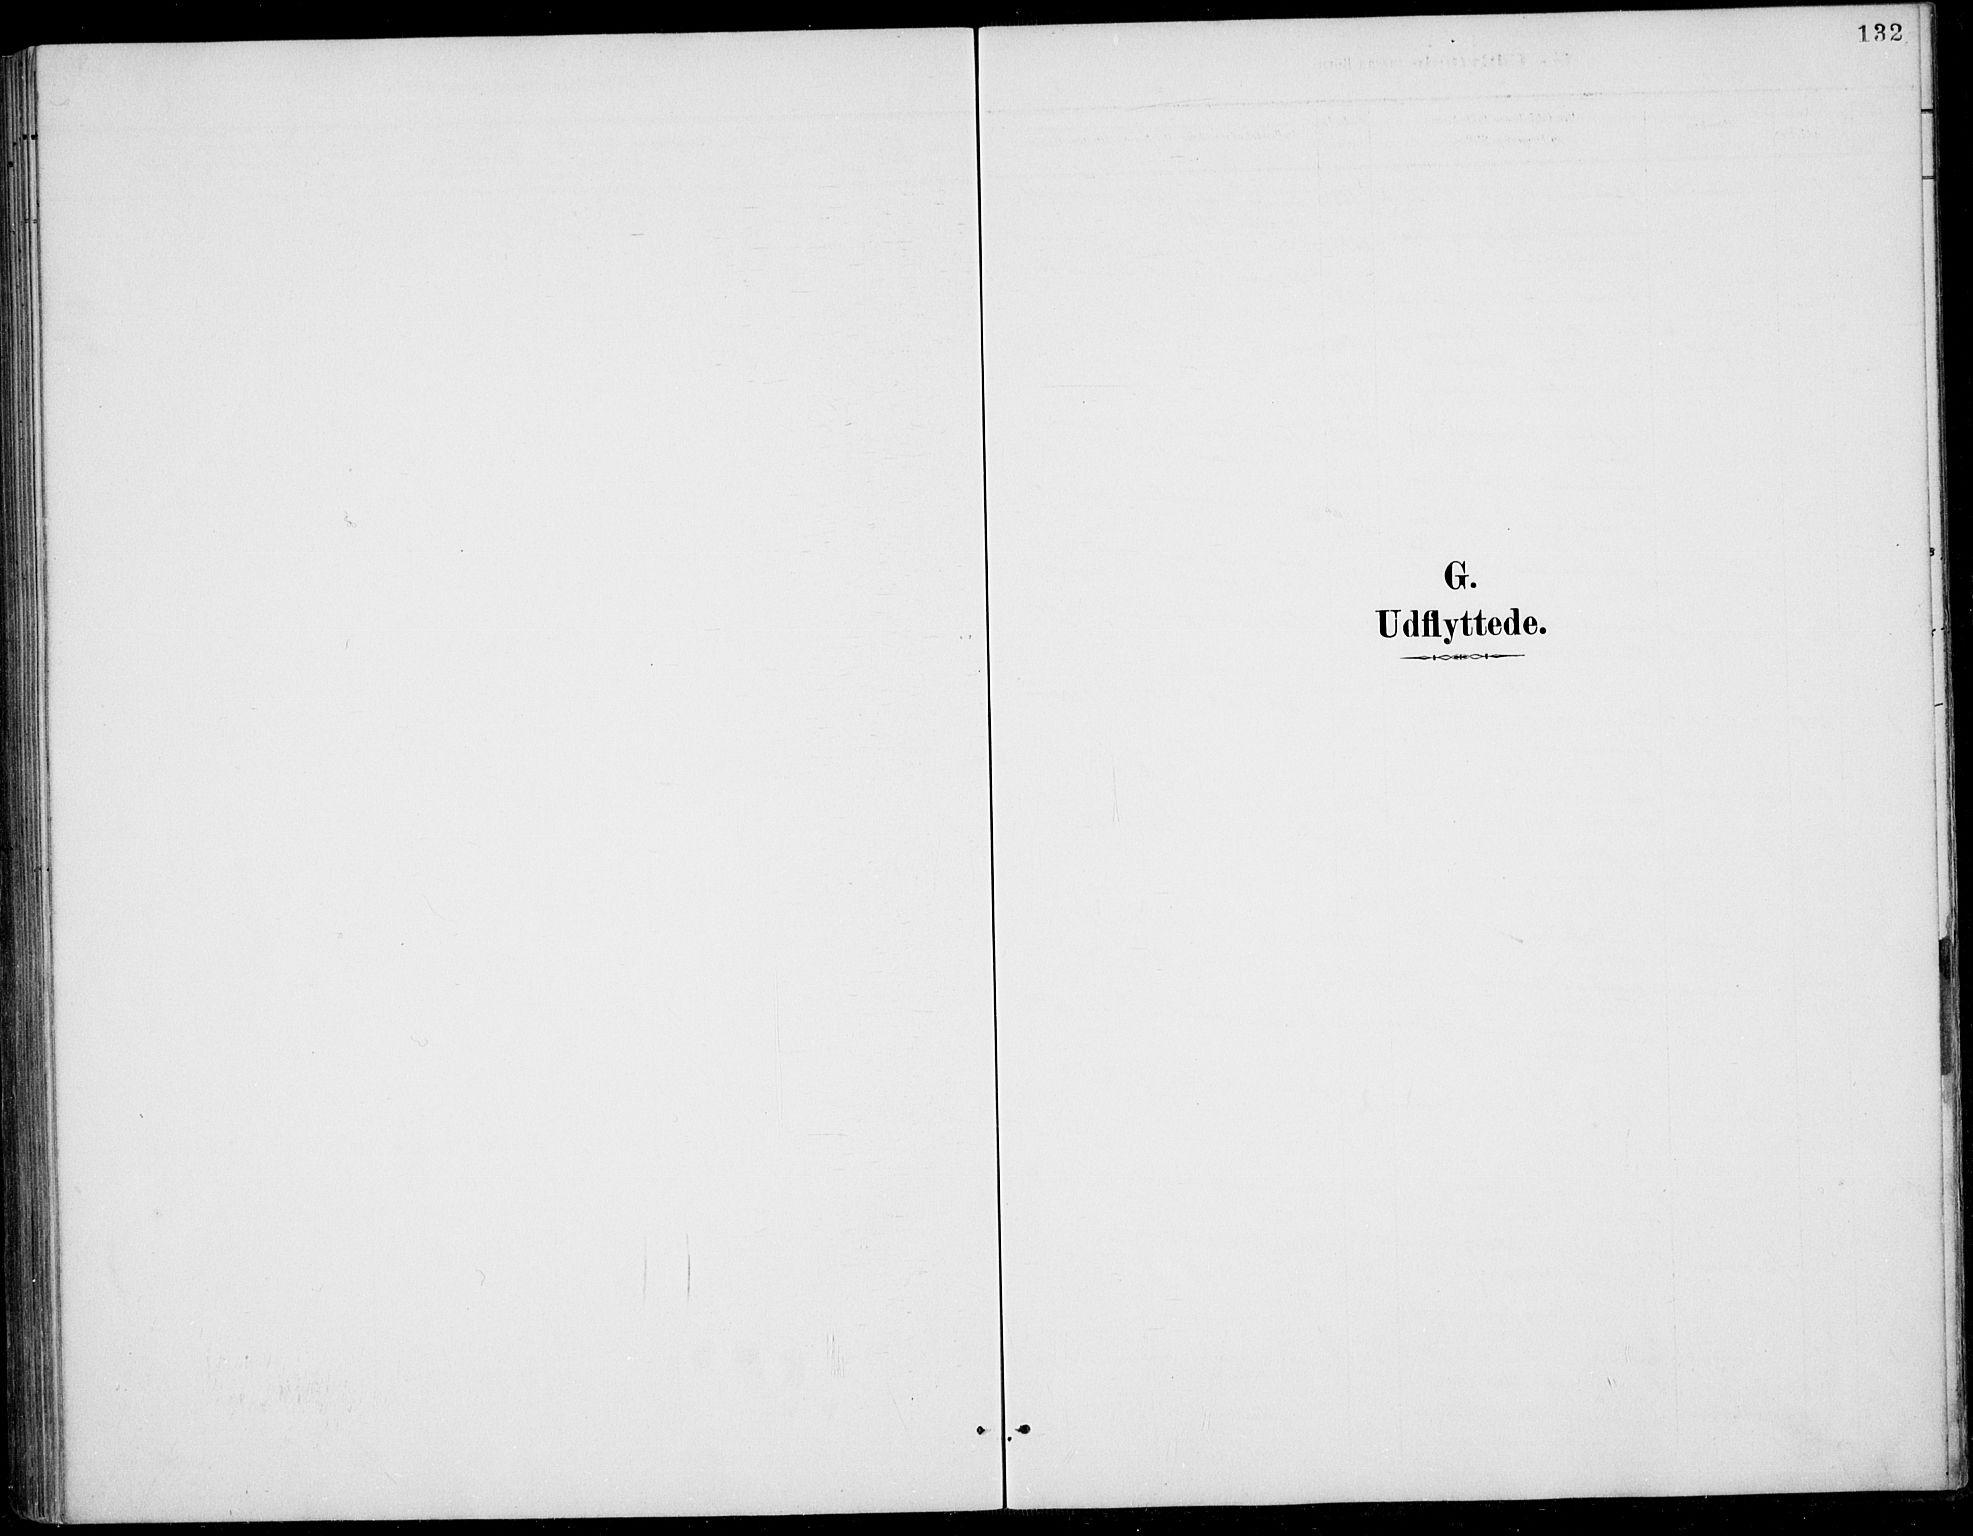 SAKO, Rauland kirkebøker, G/Gb/L0002: Klokkerbok nr. II 2, 1887-1937, s. 132